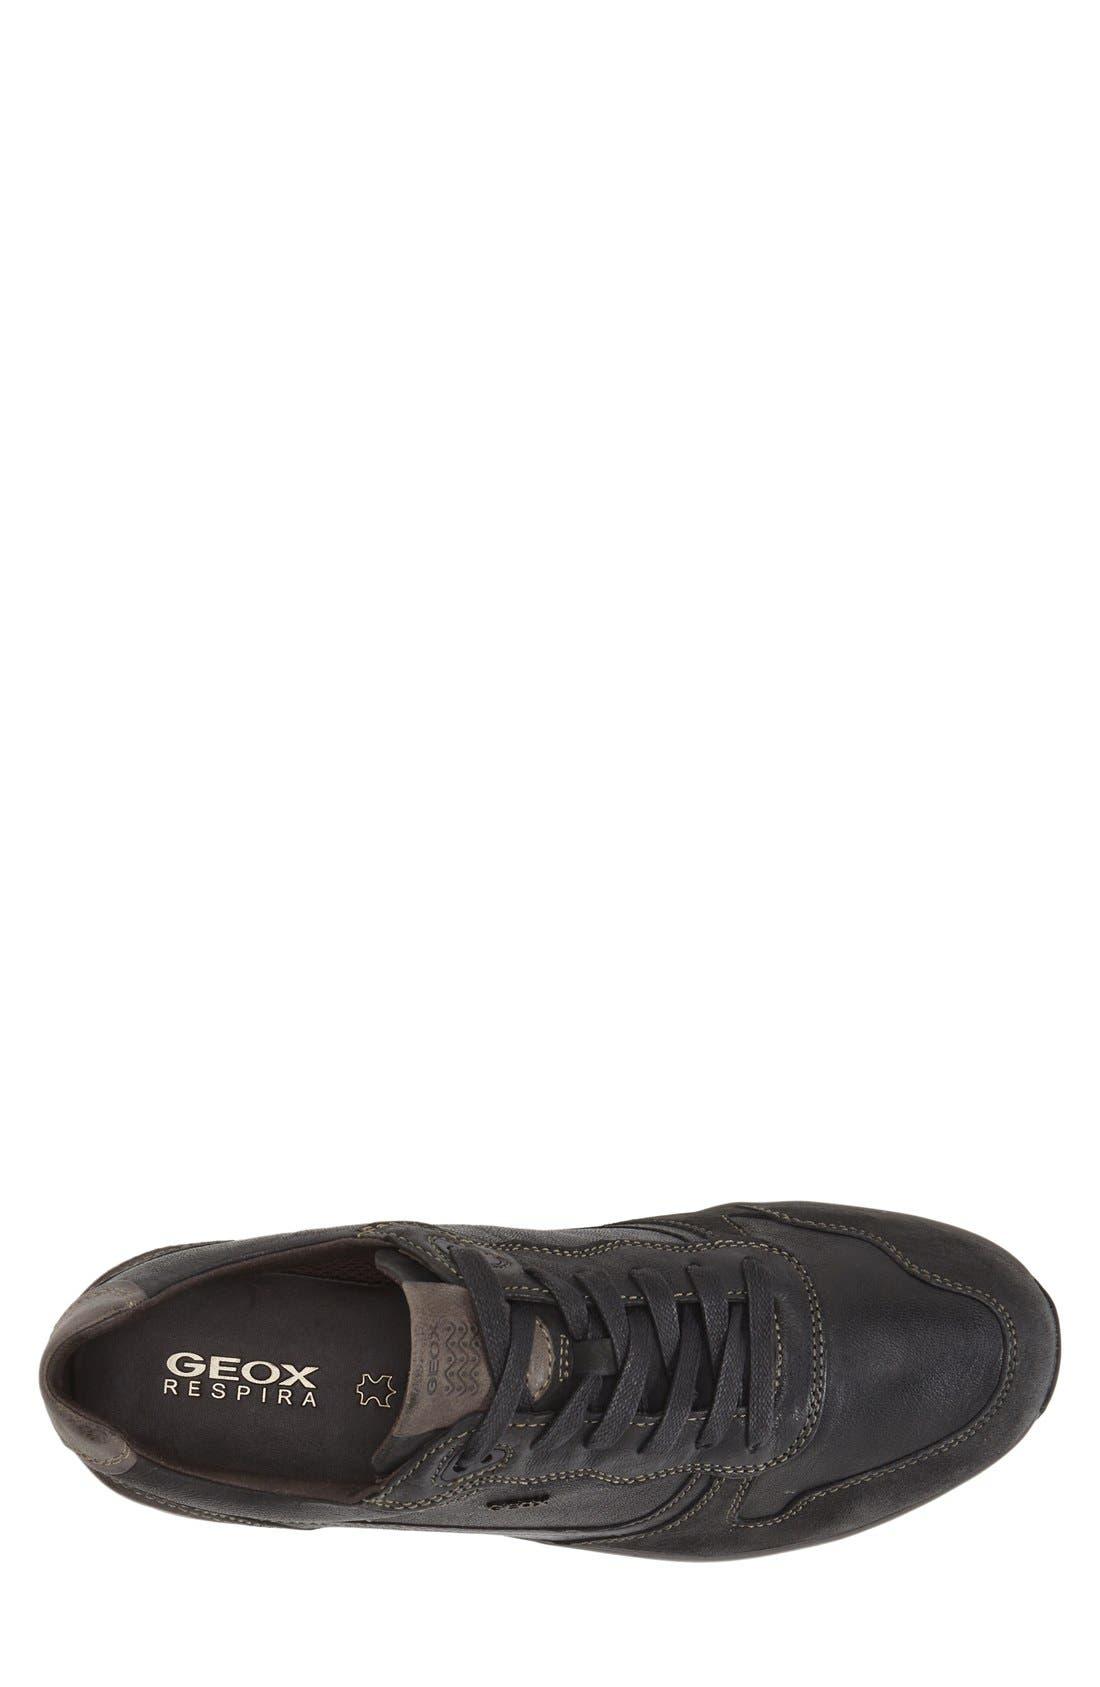 'Jepson' Sneaker,                             Alternate thumbnail 2, color,                             001